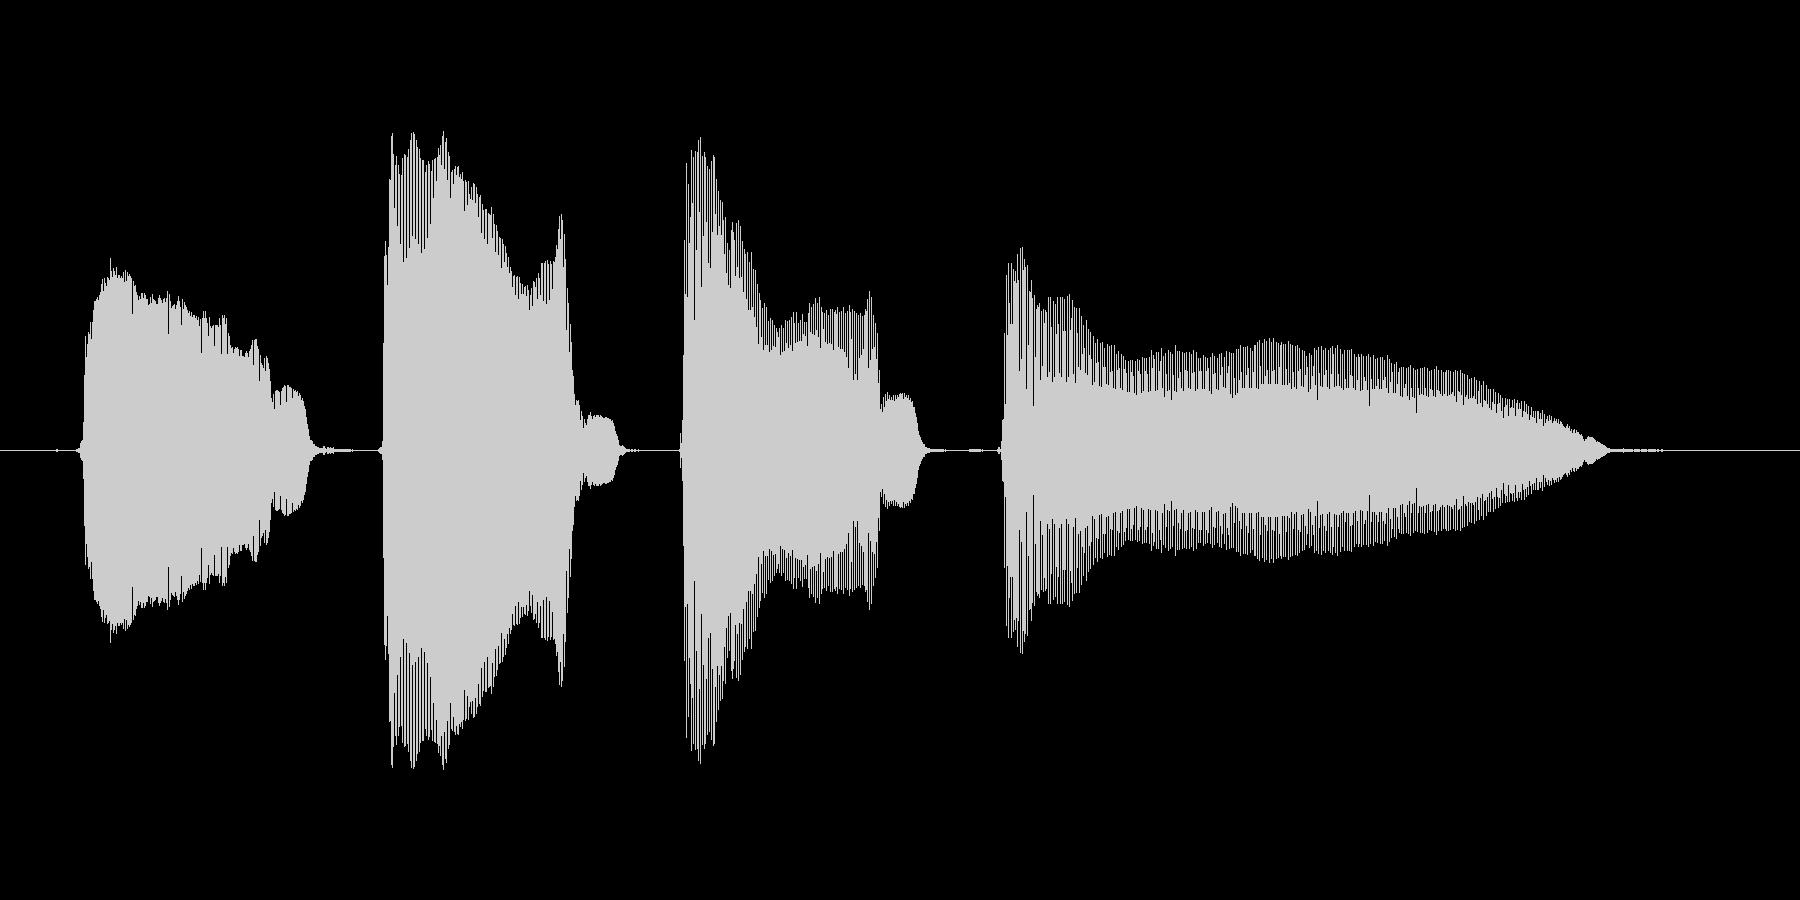 【ボイスSE】ピンポンパンポーン↓の未再生の波形